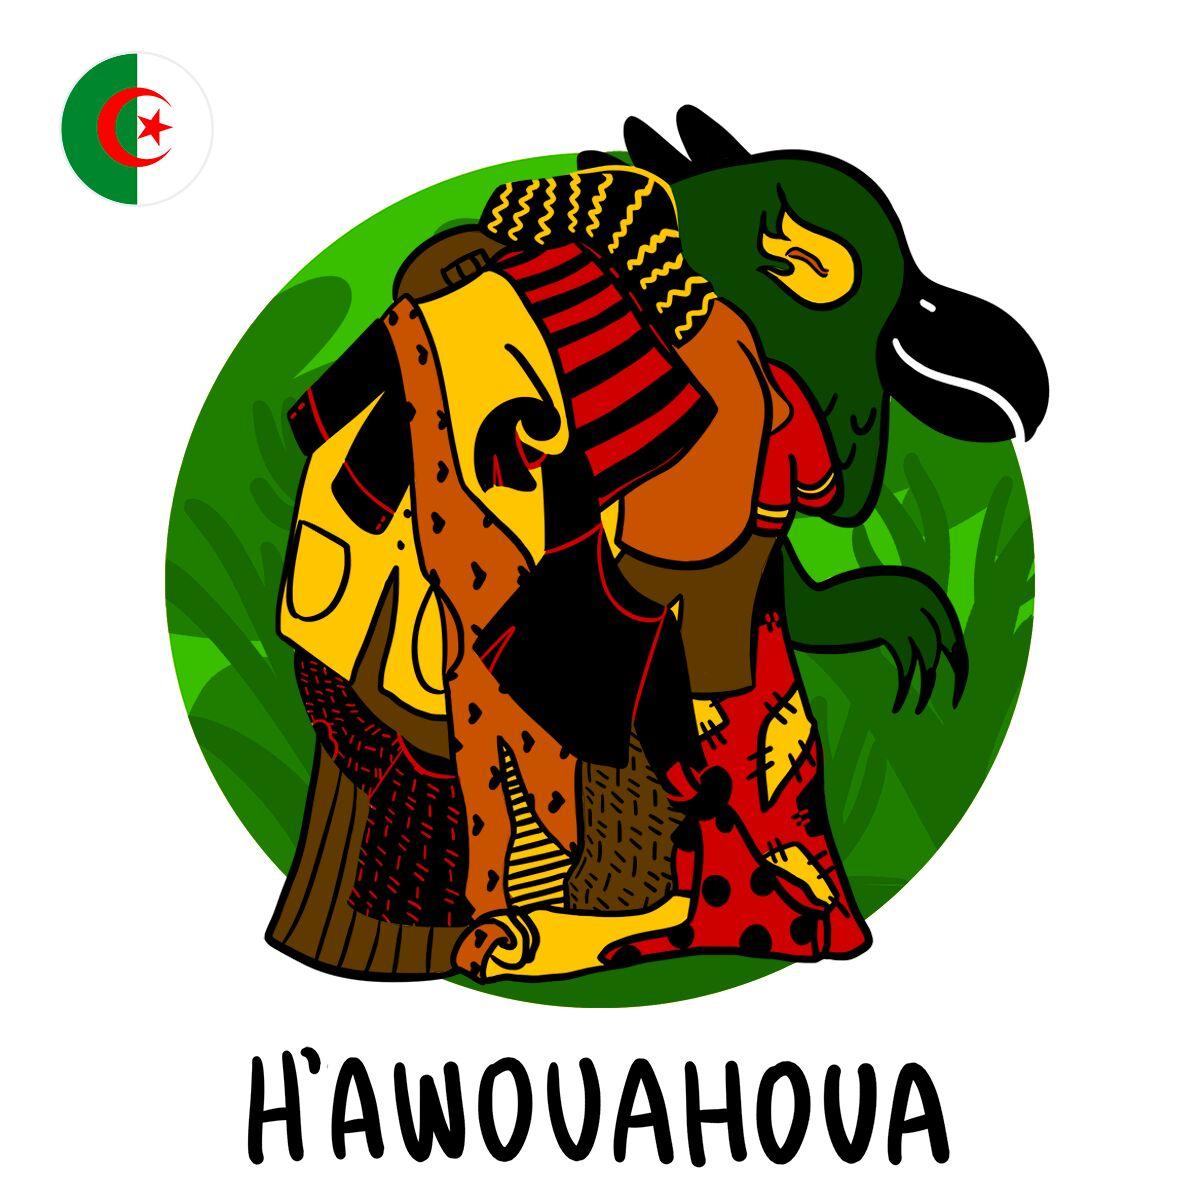 Selon la légende, h'awouahoua est un monstre dont le corps est constitué de… membres d'animaux